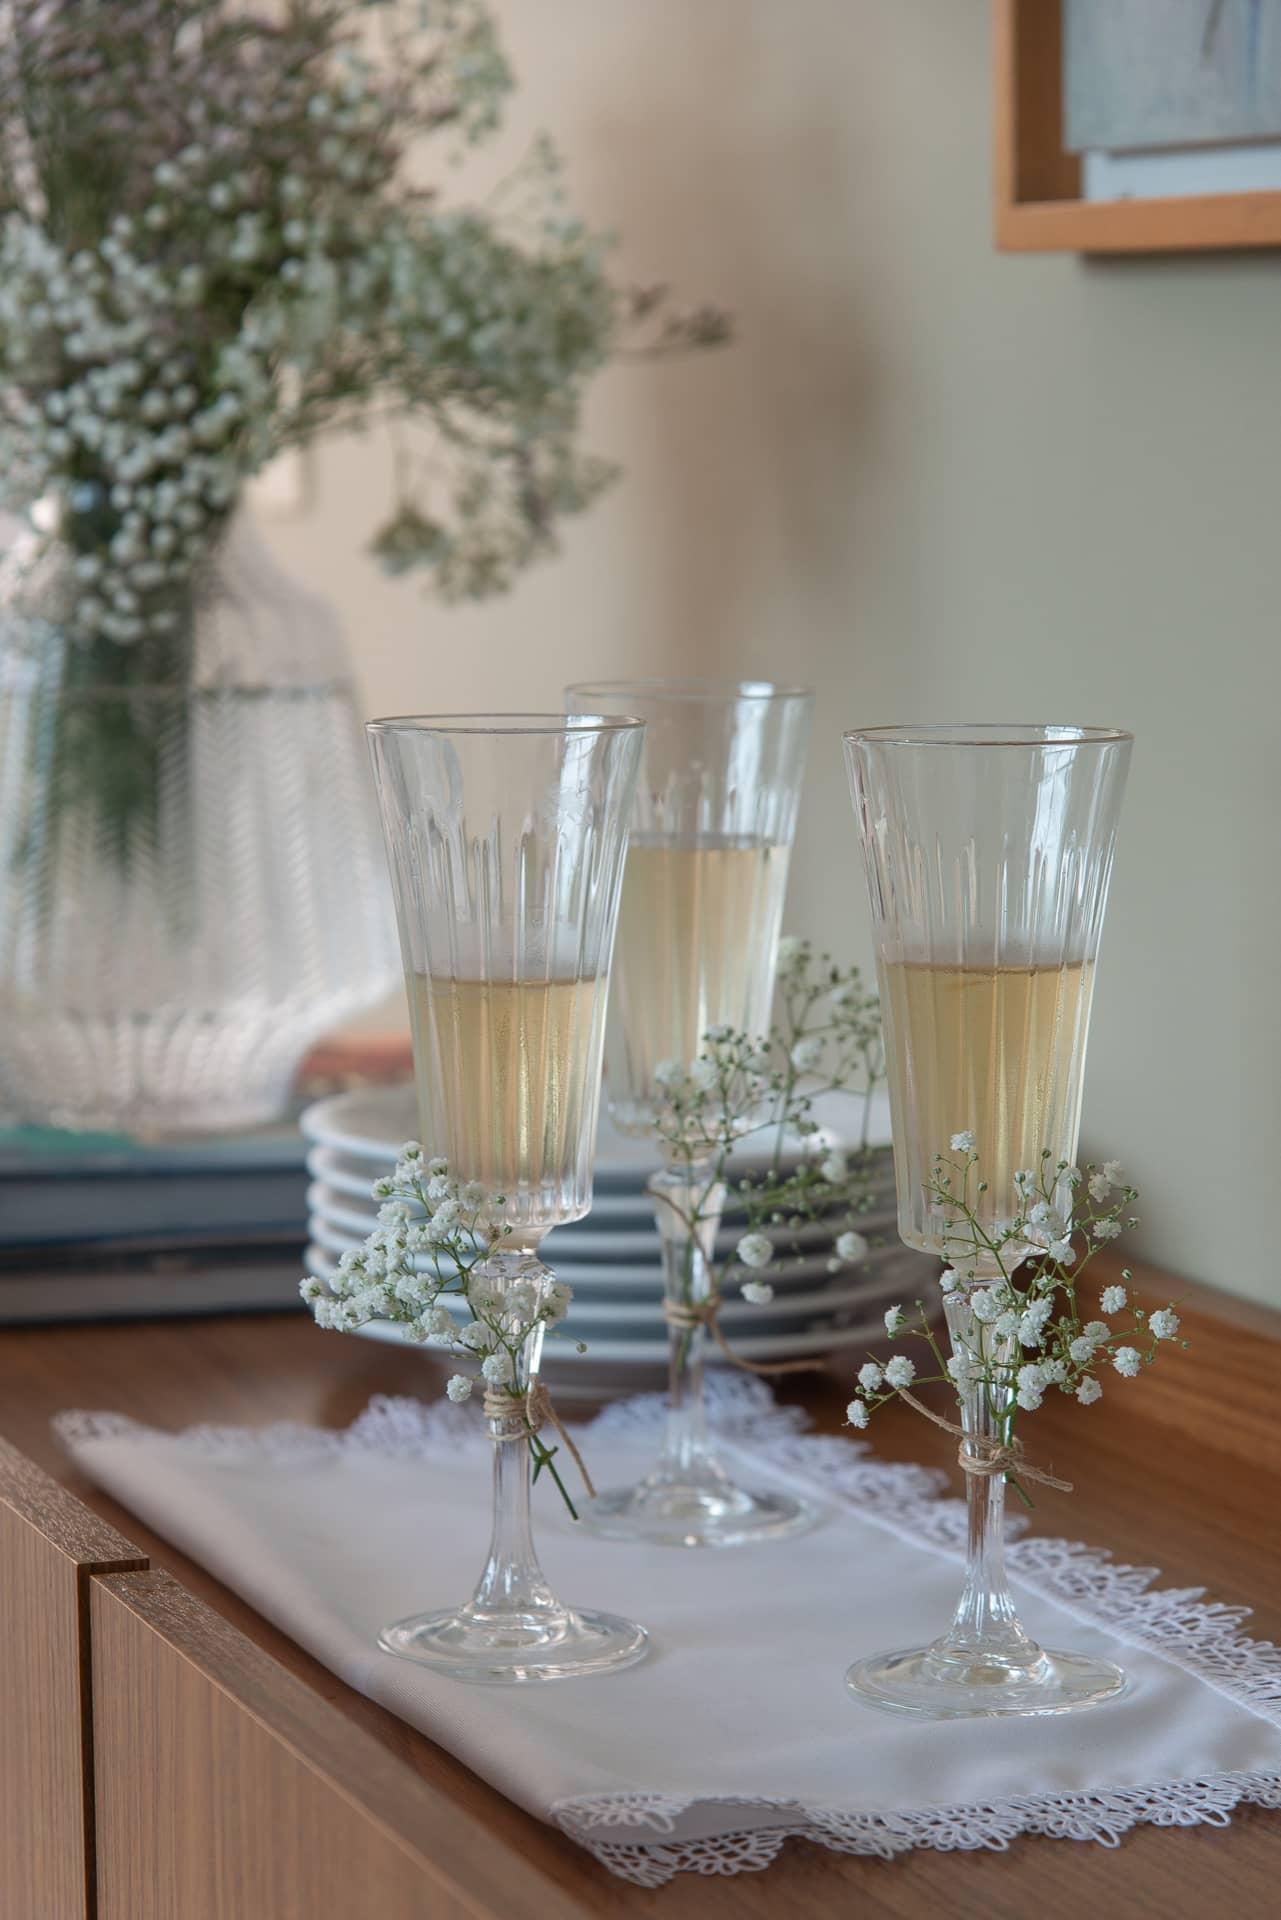 Imagem: O primeiro brinde do ano tem quer especial! Enfeite algumas taças com ramos de flores para saudar 2020. Foto: Cacá Bratke